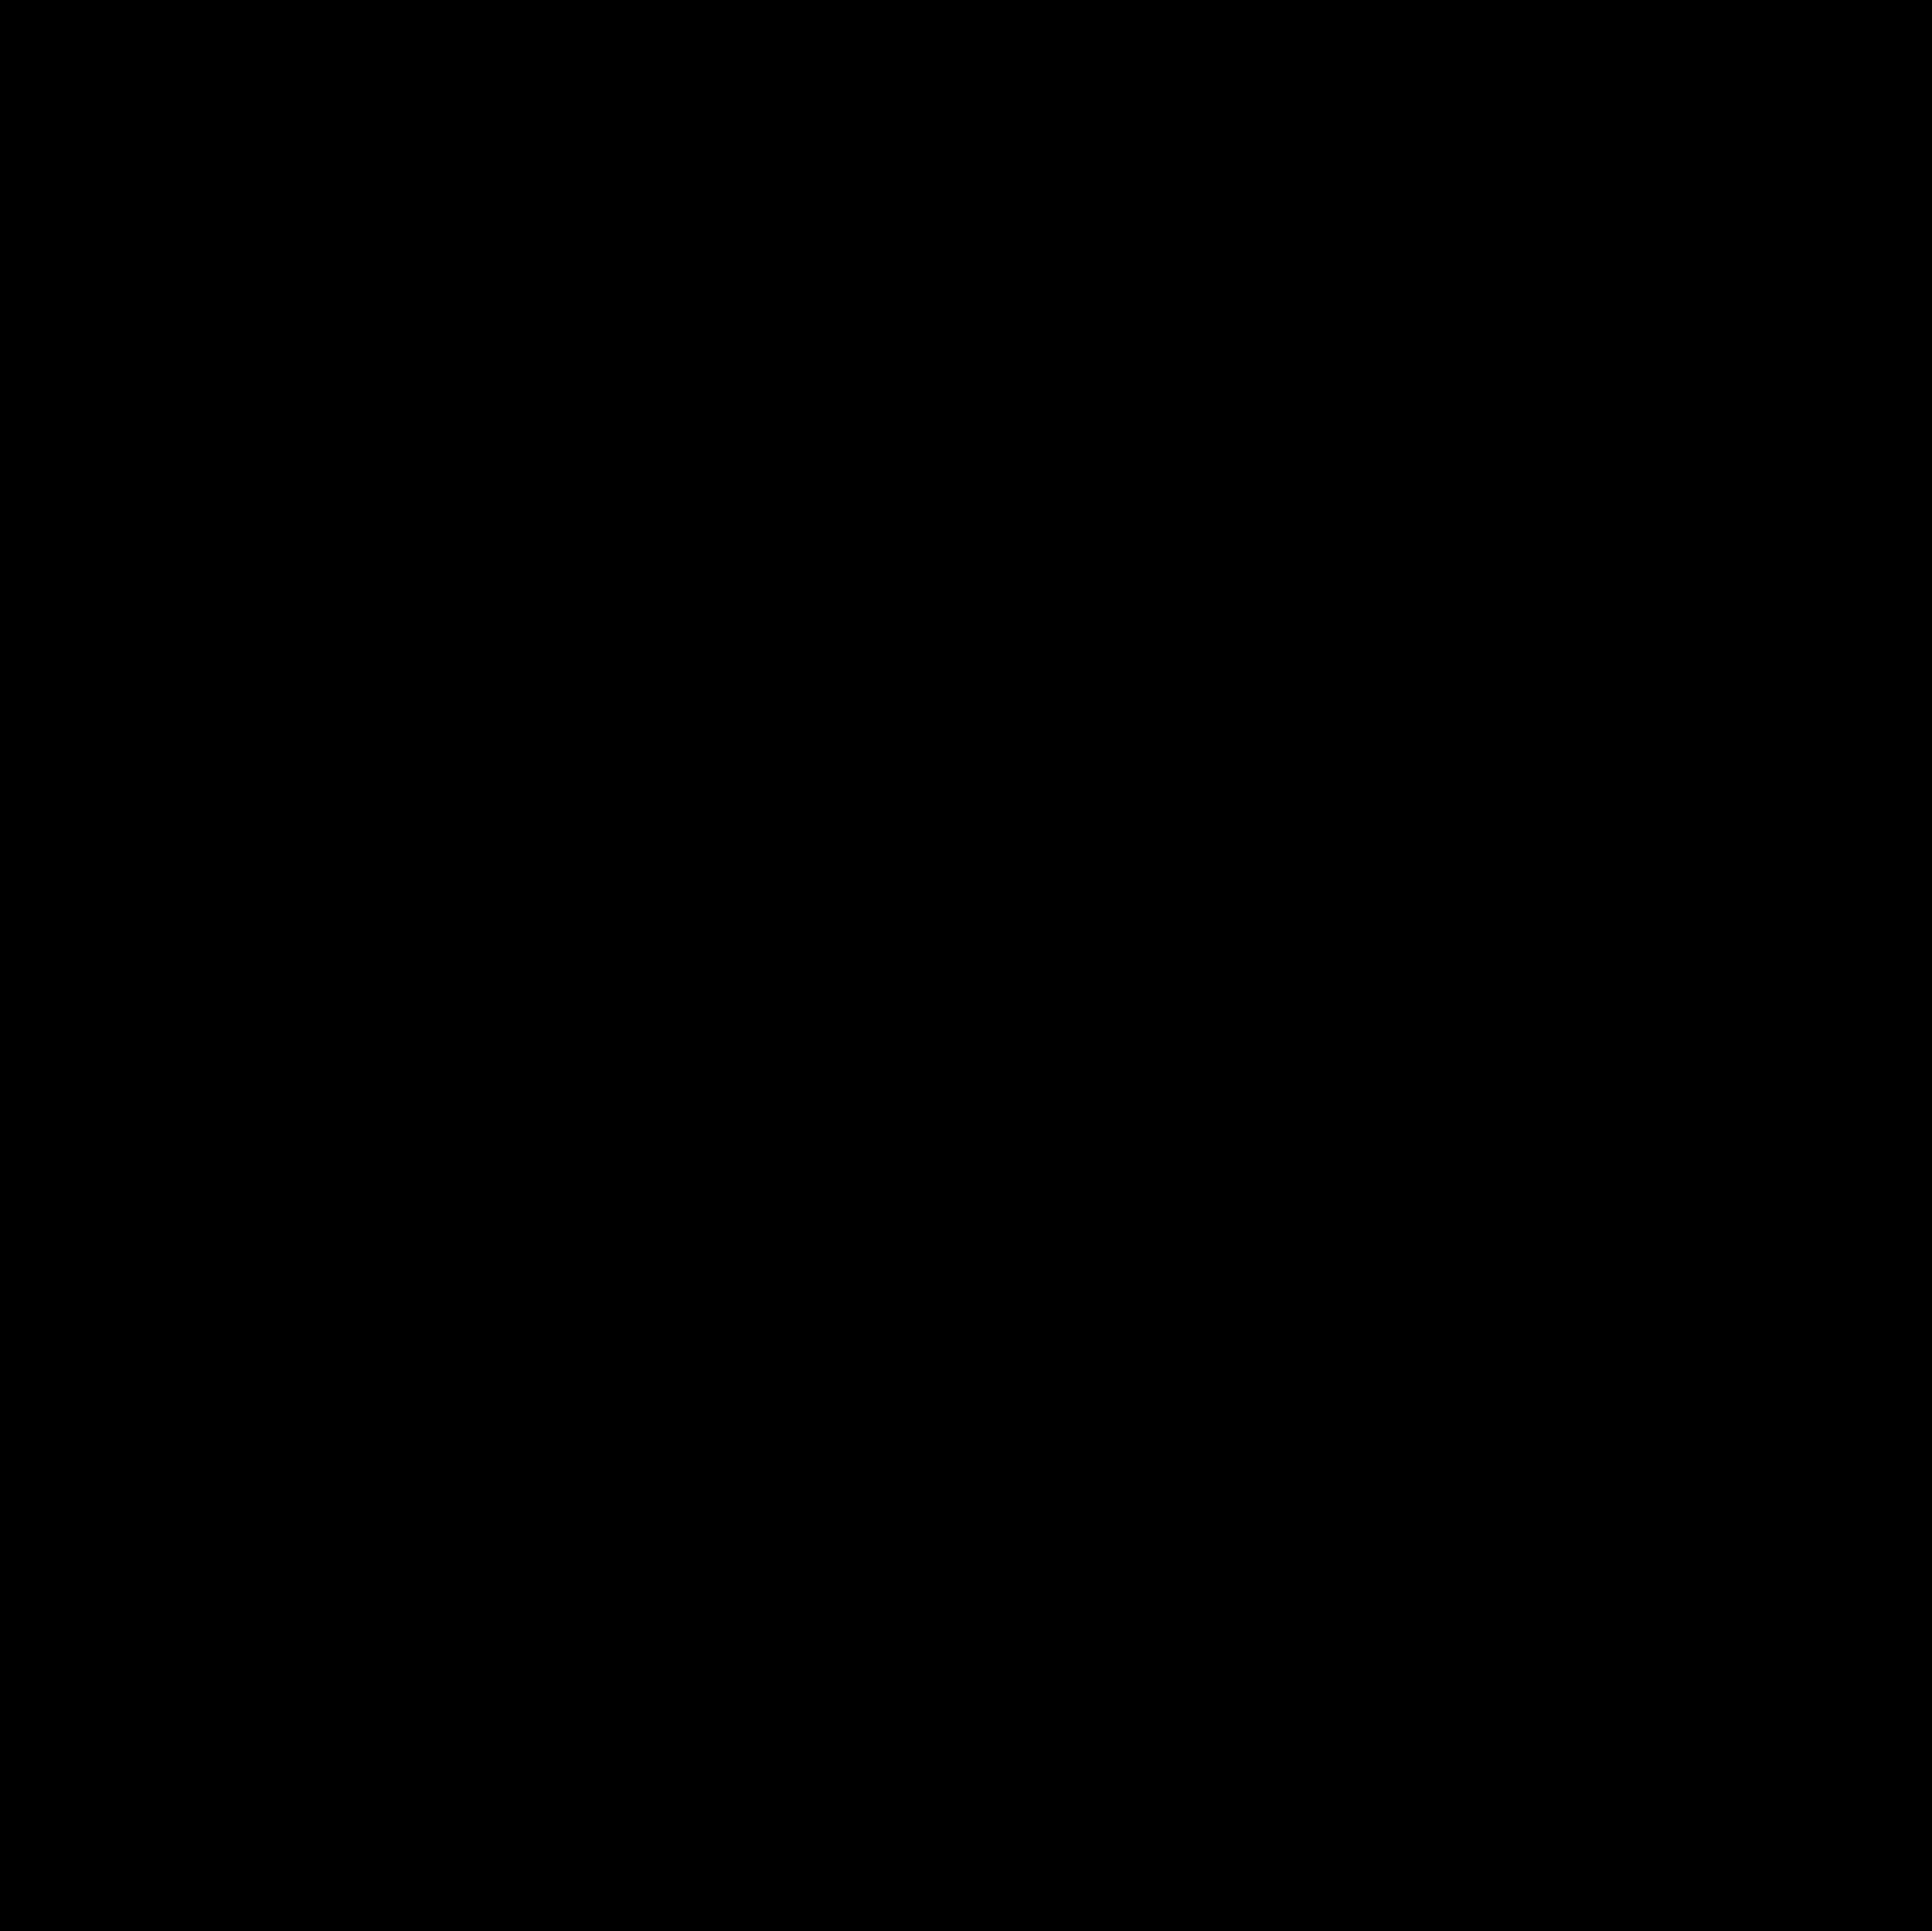 Festivalssi - NIMI - LOGO - NETTISIVUTOululainen lavatanssifestivaali. FESTIVALSSI-nimi on yksi osuvampia koskaan. Heti nimestä tiedät mikä homman nimi on. Logossa on sopivasti informatiivisuutta ja fiilistä. Miehen ja naisen figuurit ovat korvanneet i-kirjaimet.www.festivalssi.fiHuom! Sivut avautuvat aina noin 3-4kk ennen tapahtumaa!